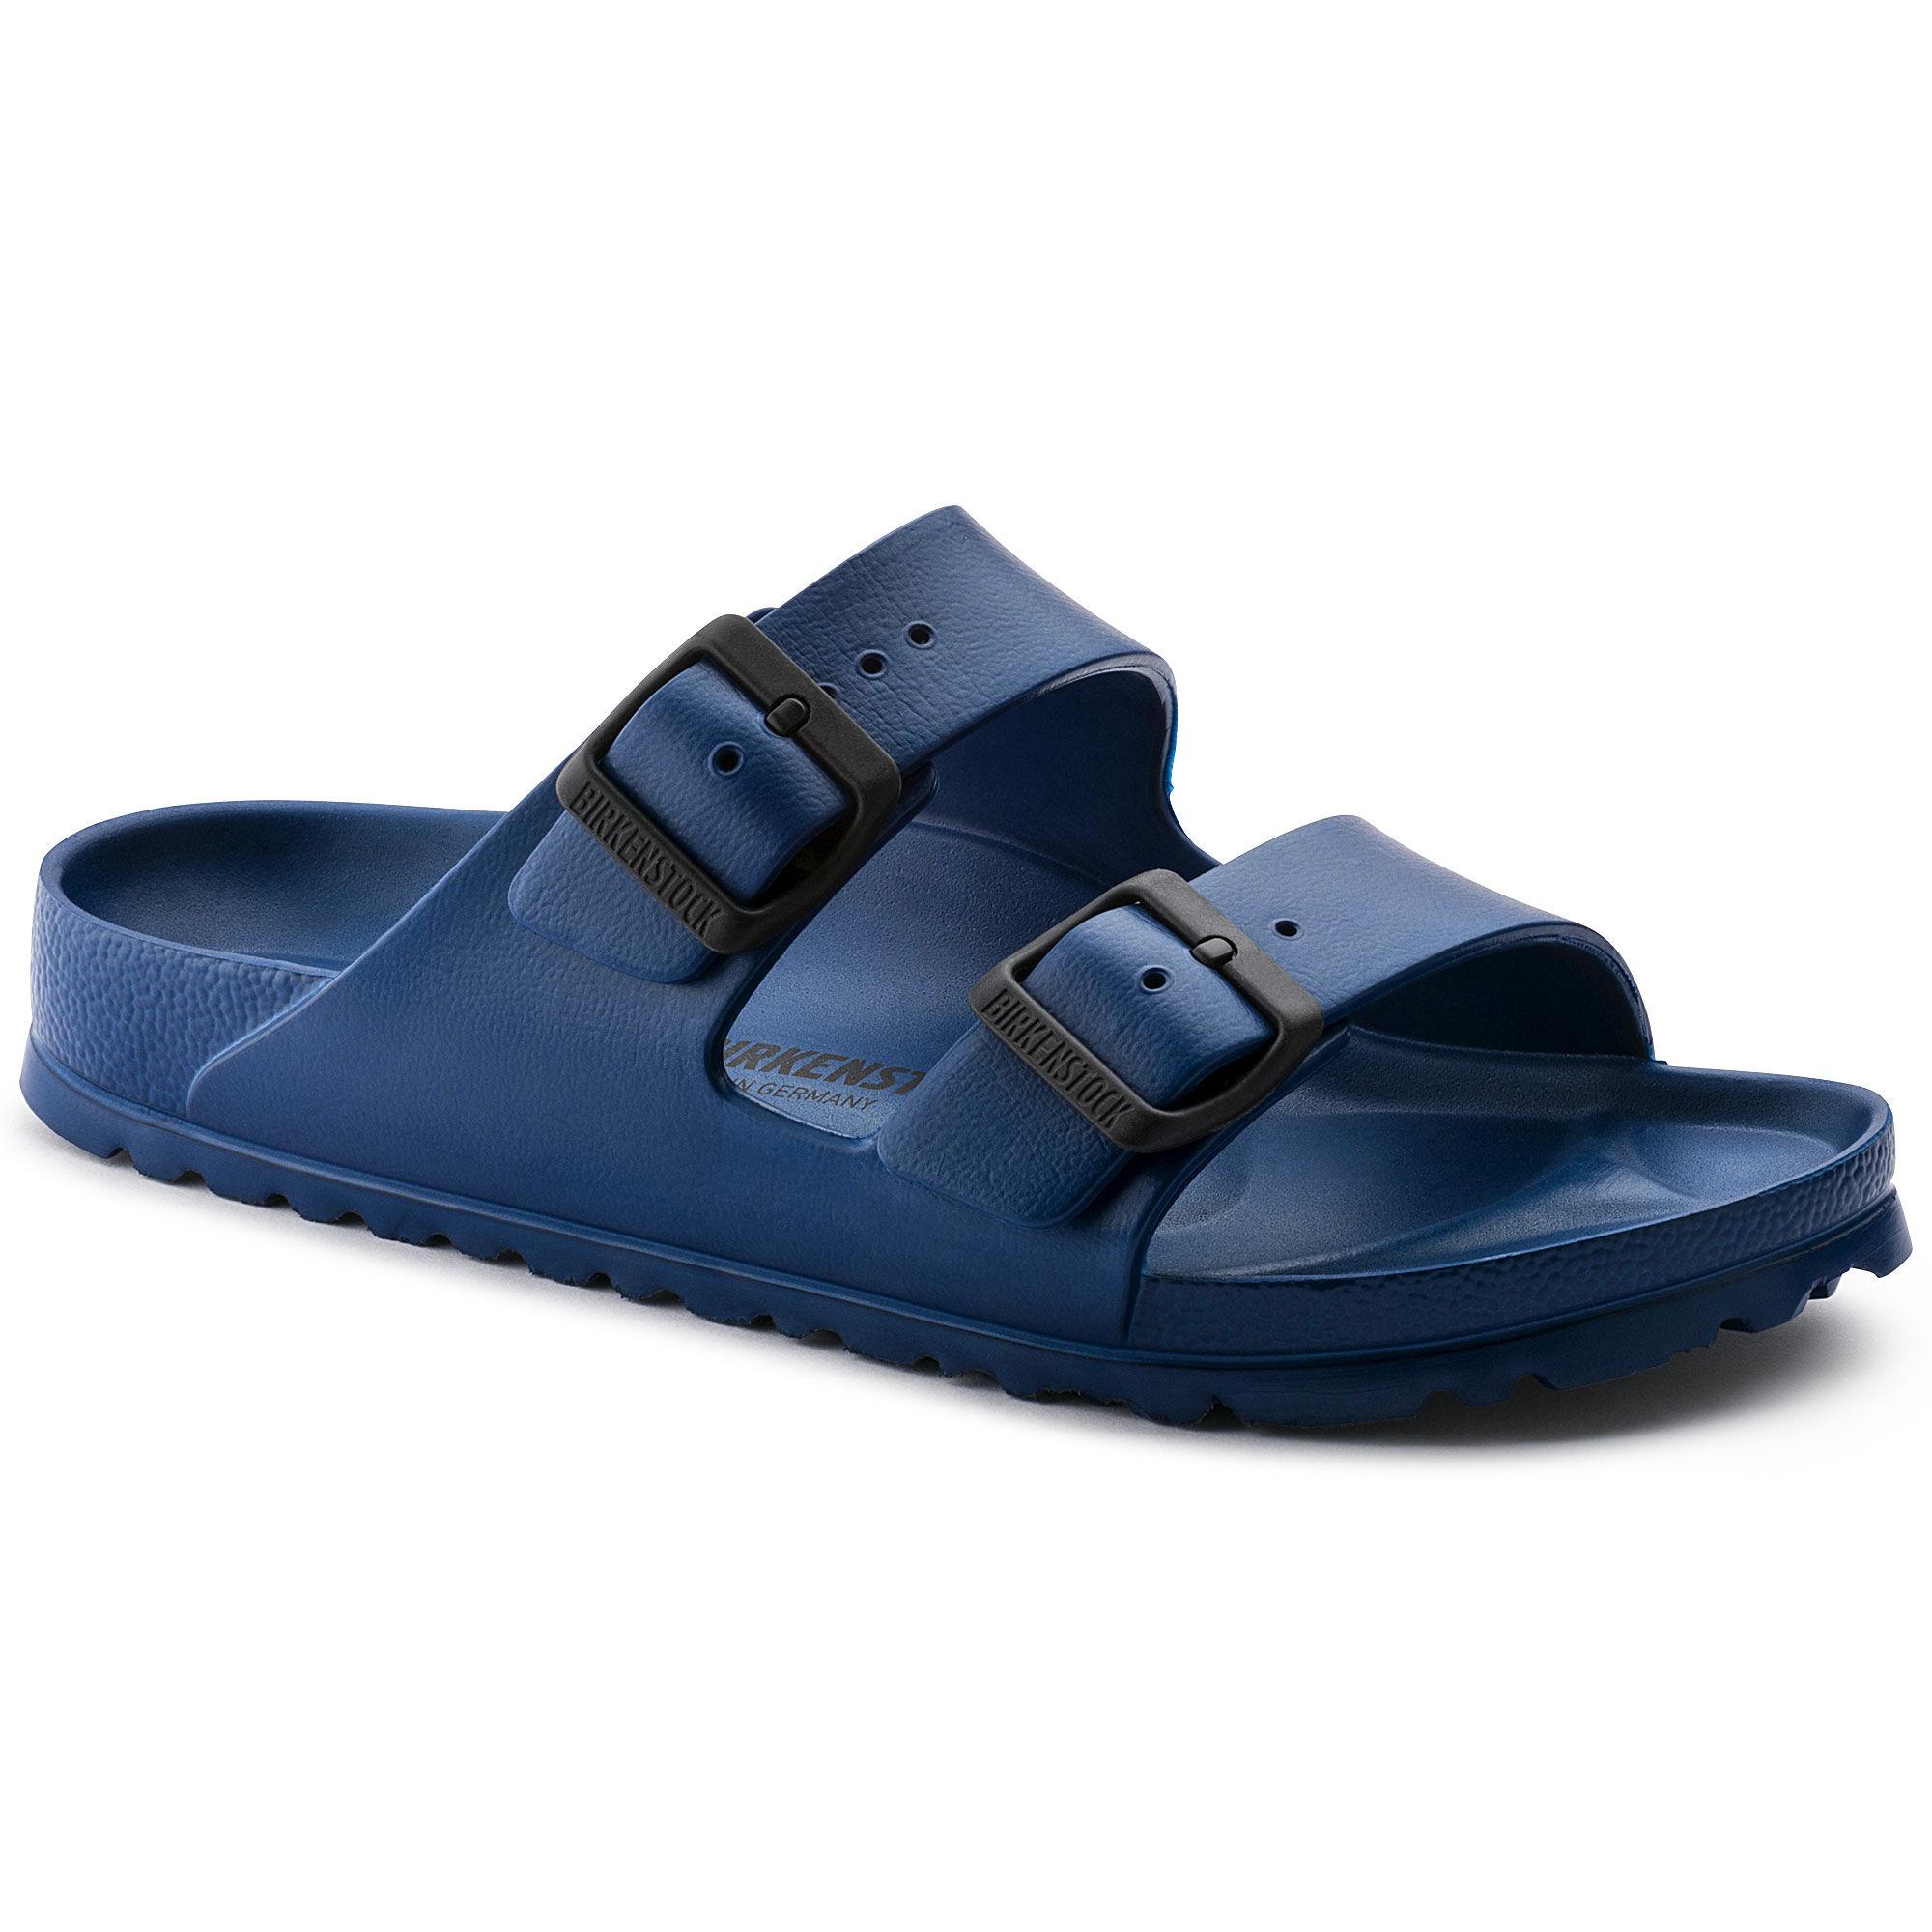 Birkenstock Arizona Navy EVA Sandals